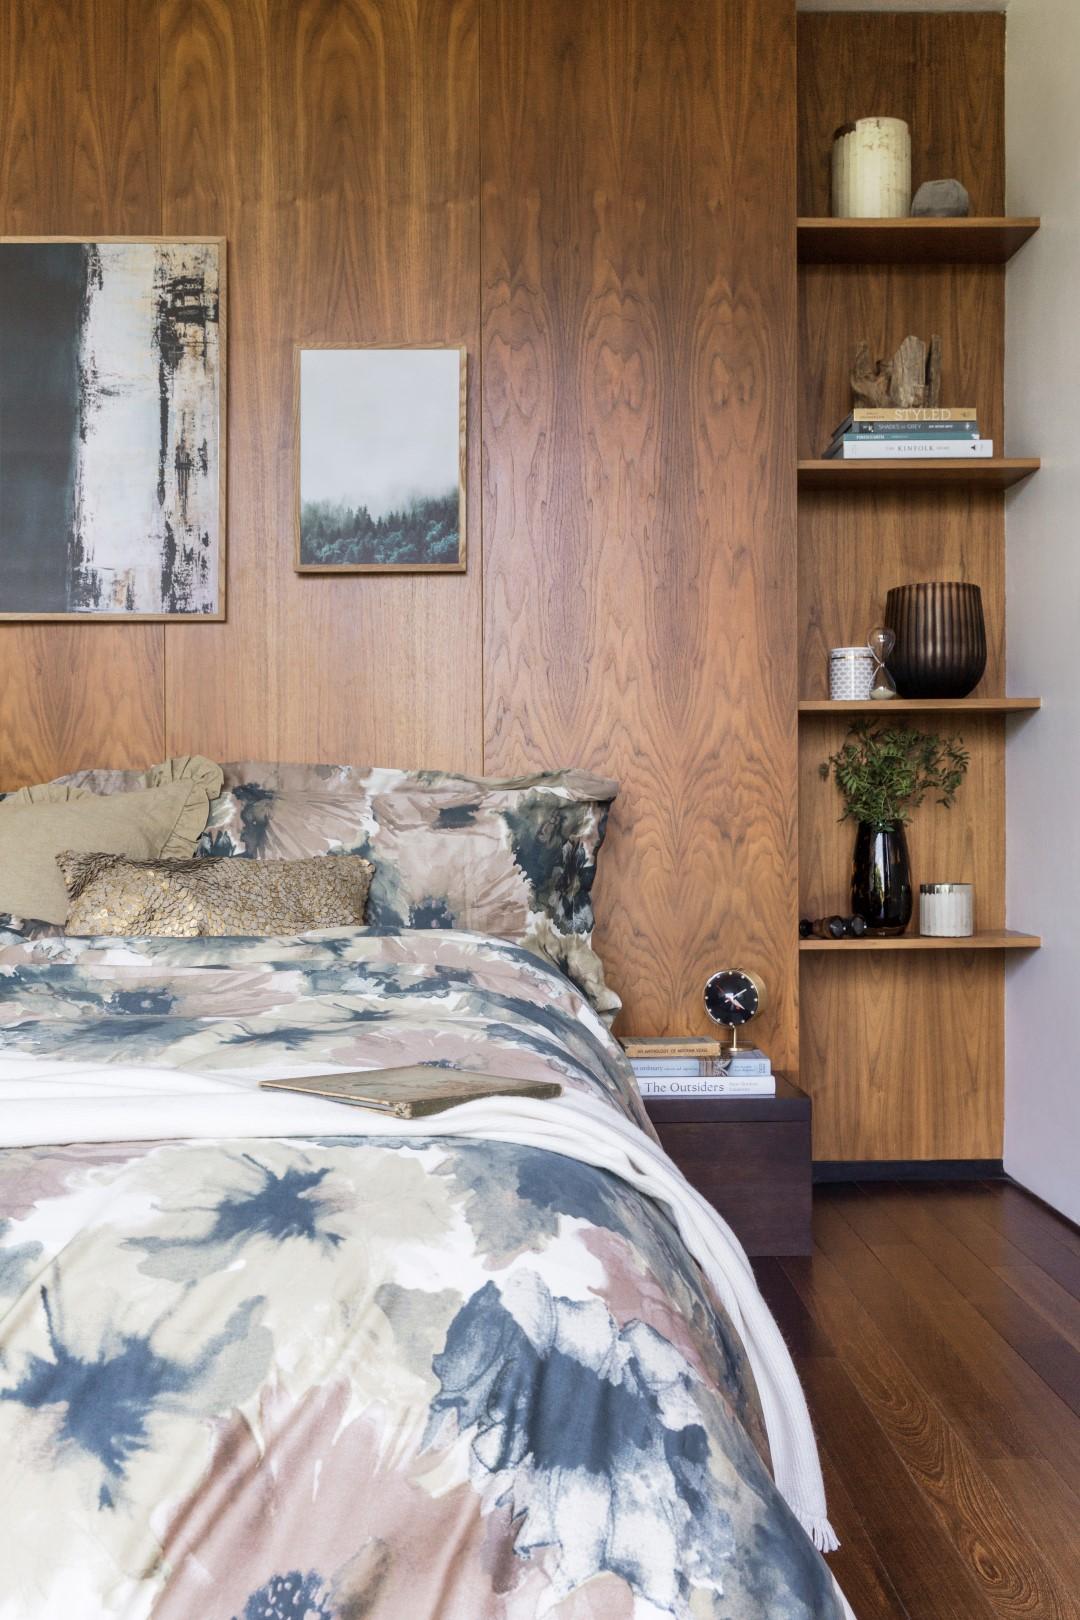 Phong cách thiết kế nội thất Cận hiện đại - ảnh 2